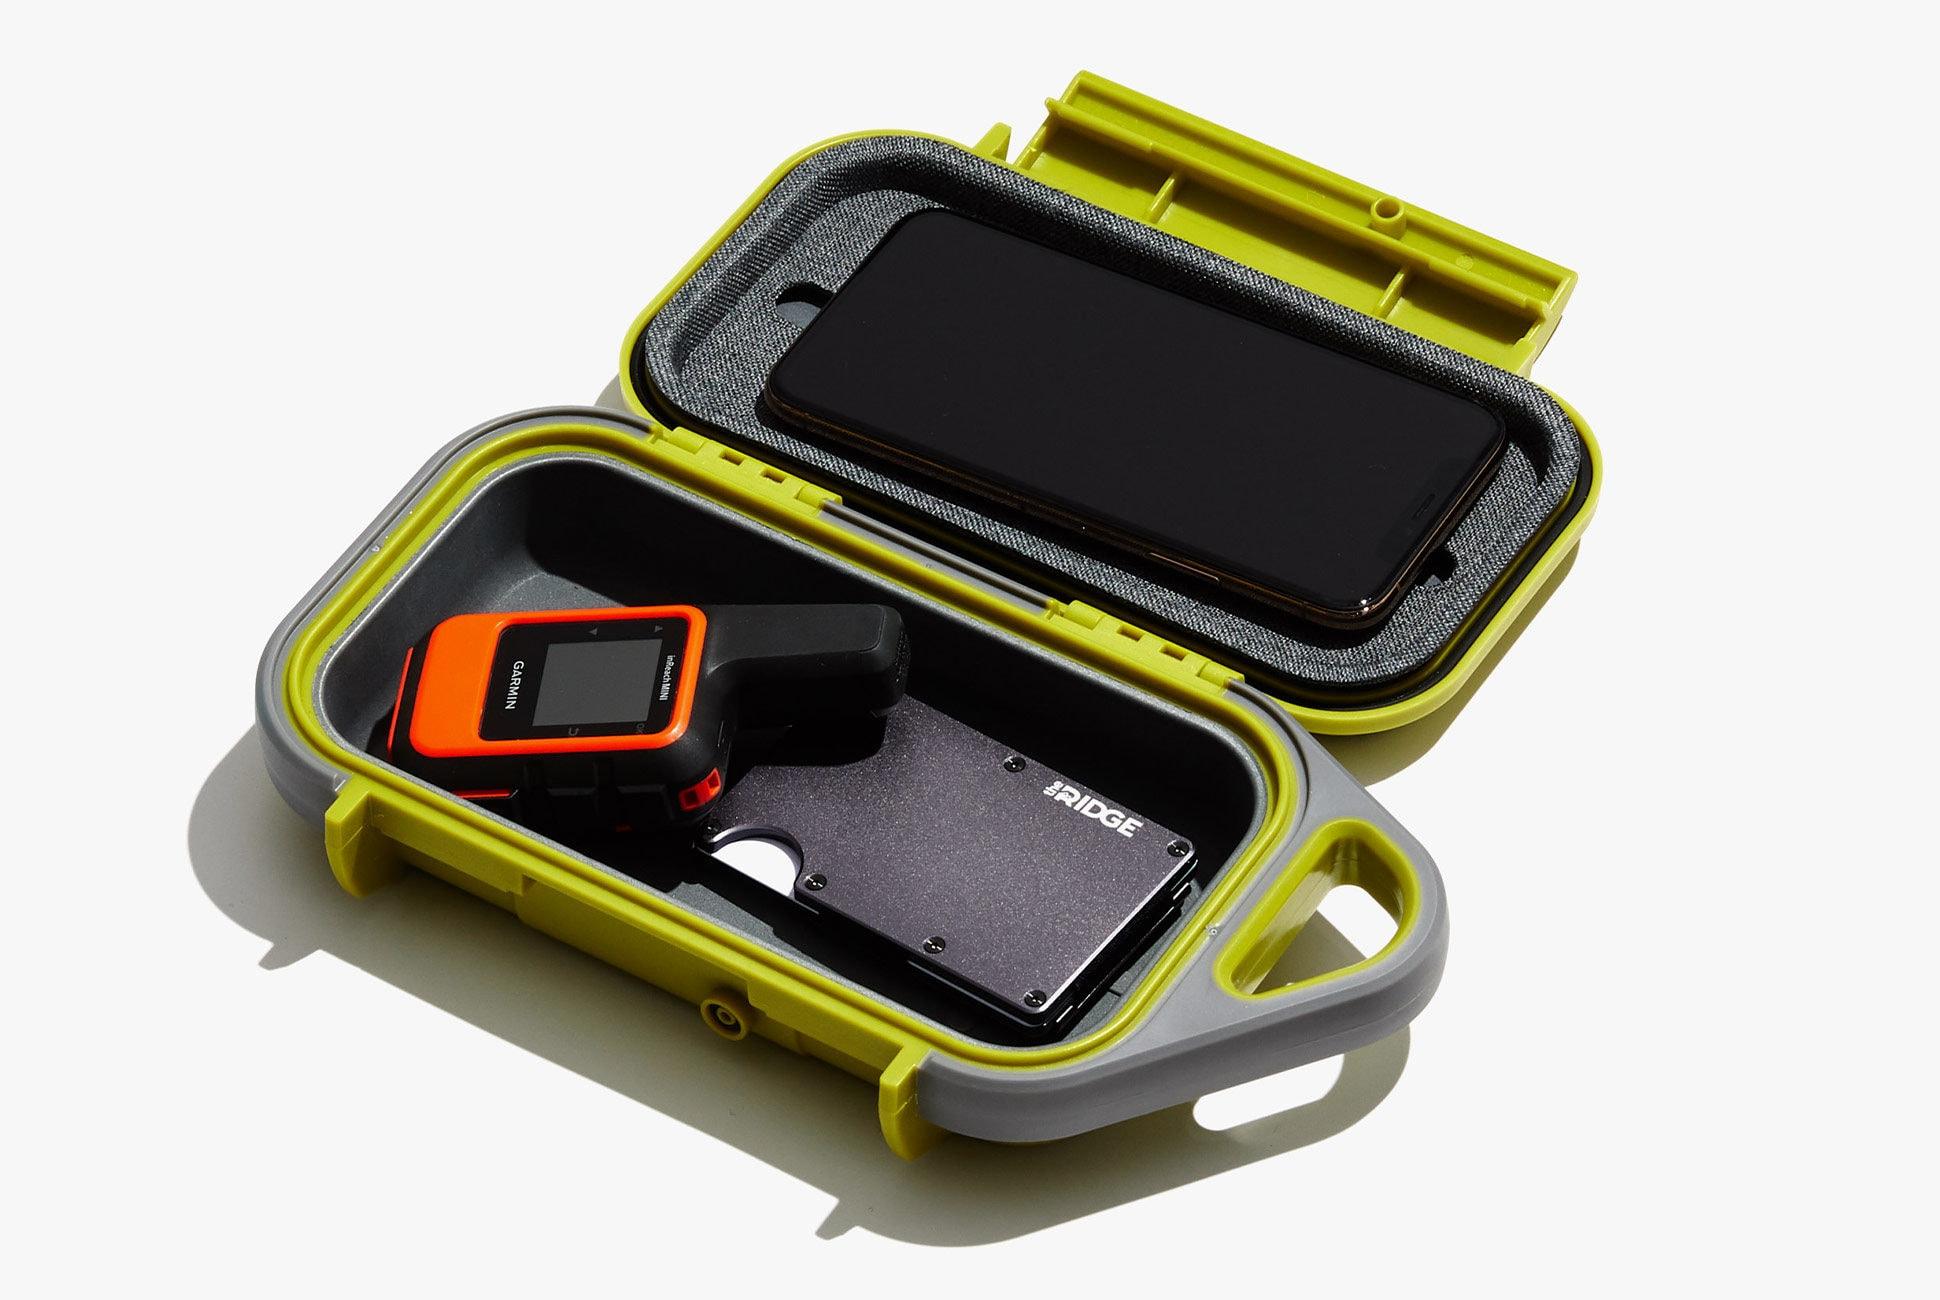 Weekend-Carry-Sponsored-Pelican-Gear-Patrol-Product-Slide-1